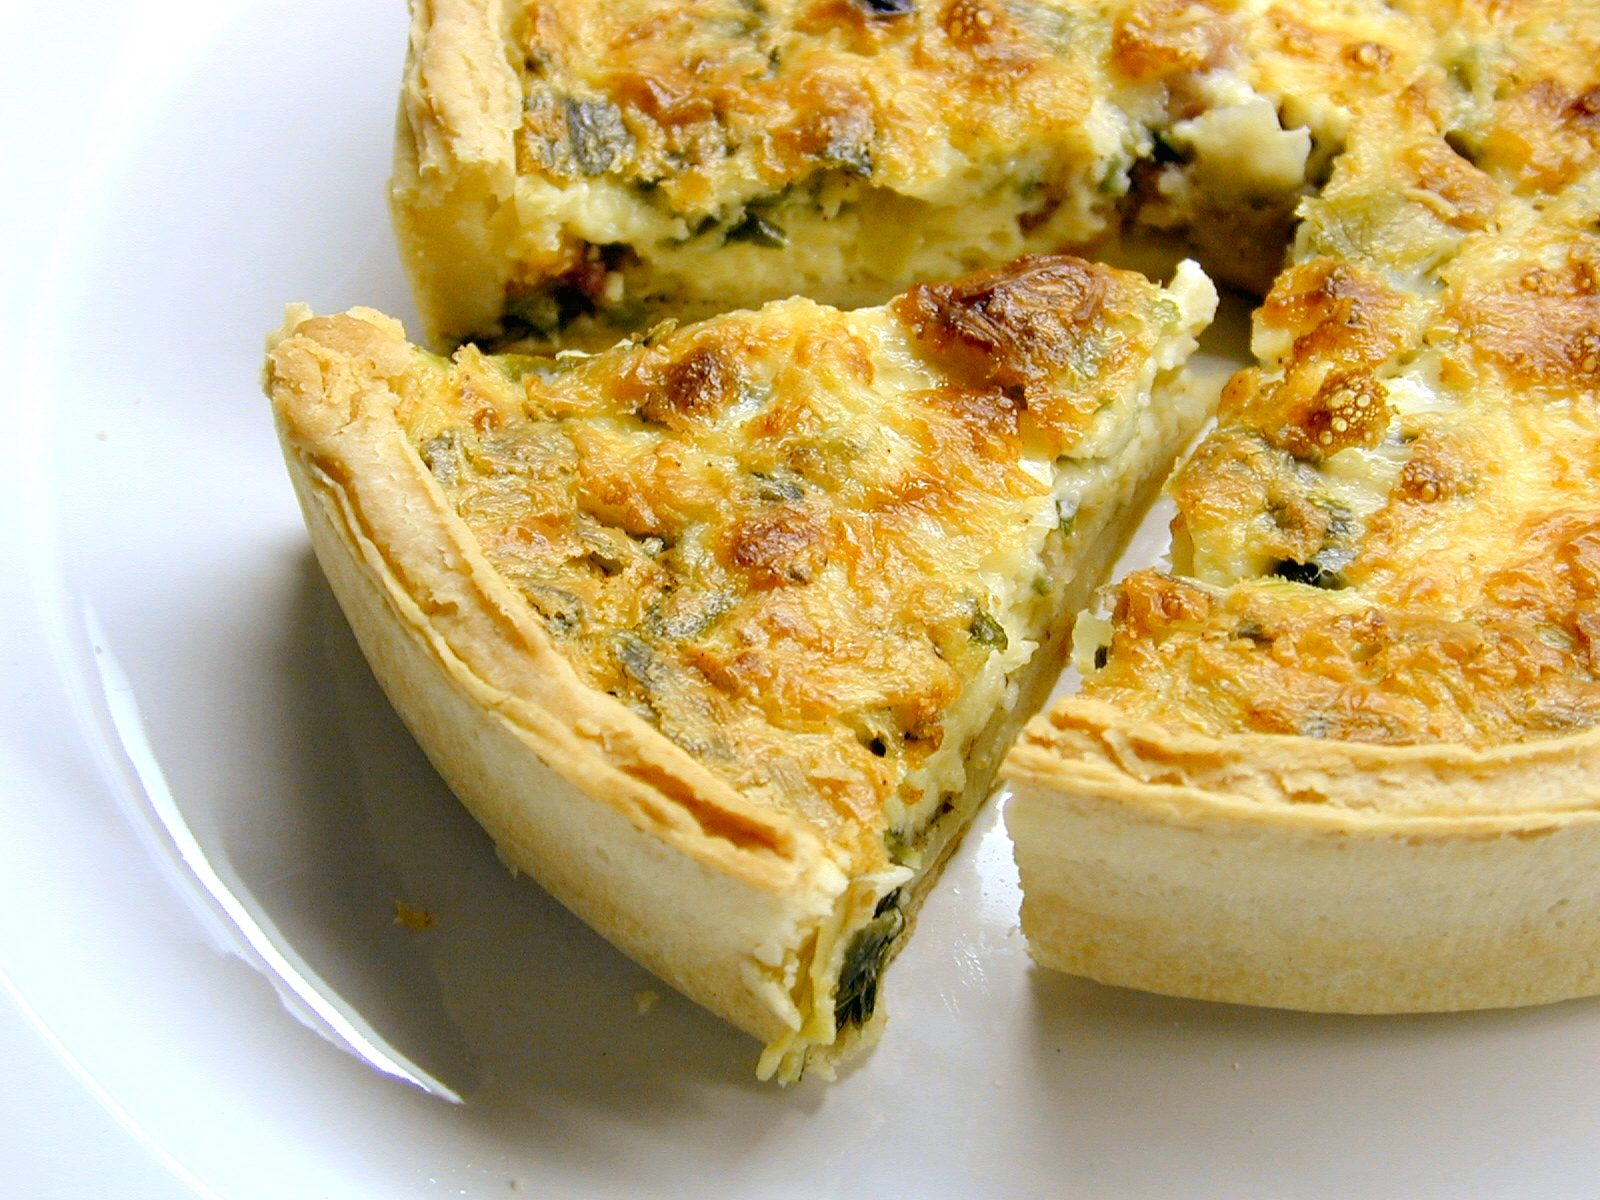 Torte salate: 20 ricette veloci, sfiziose e facili da preparare